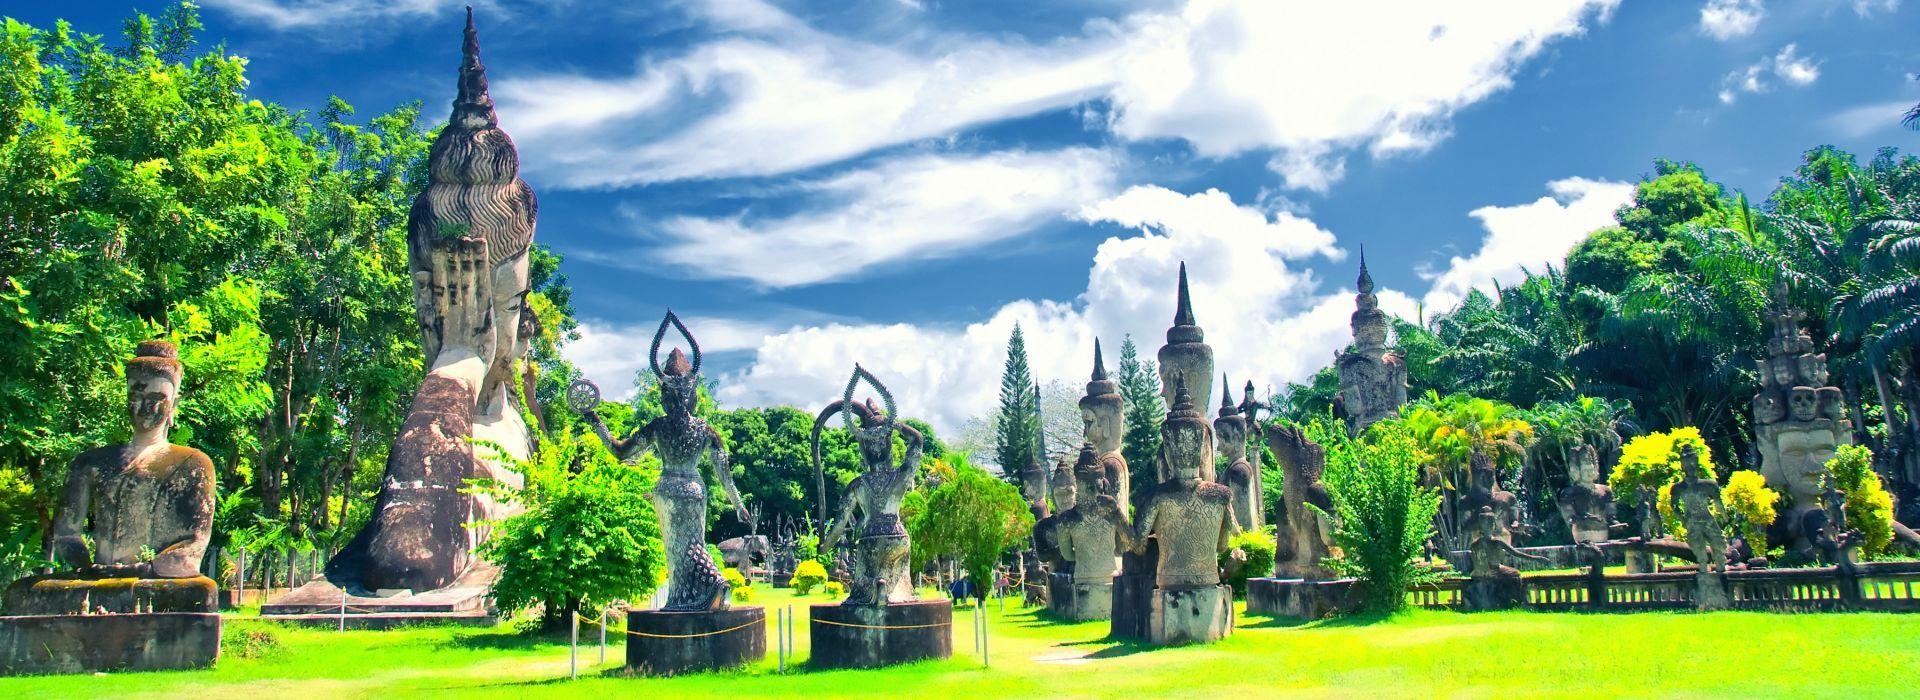 Spiritual or religious tours in Laos